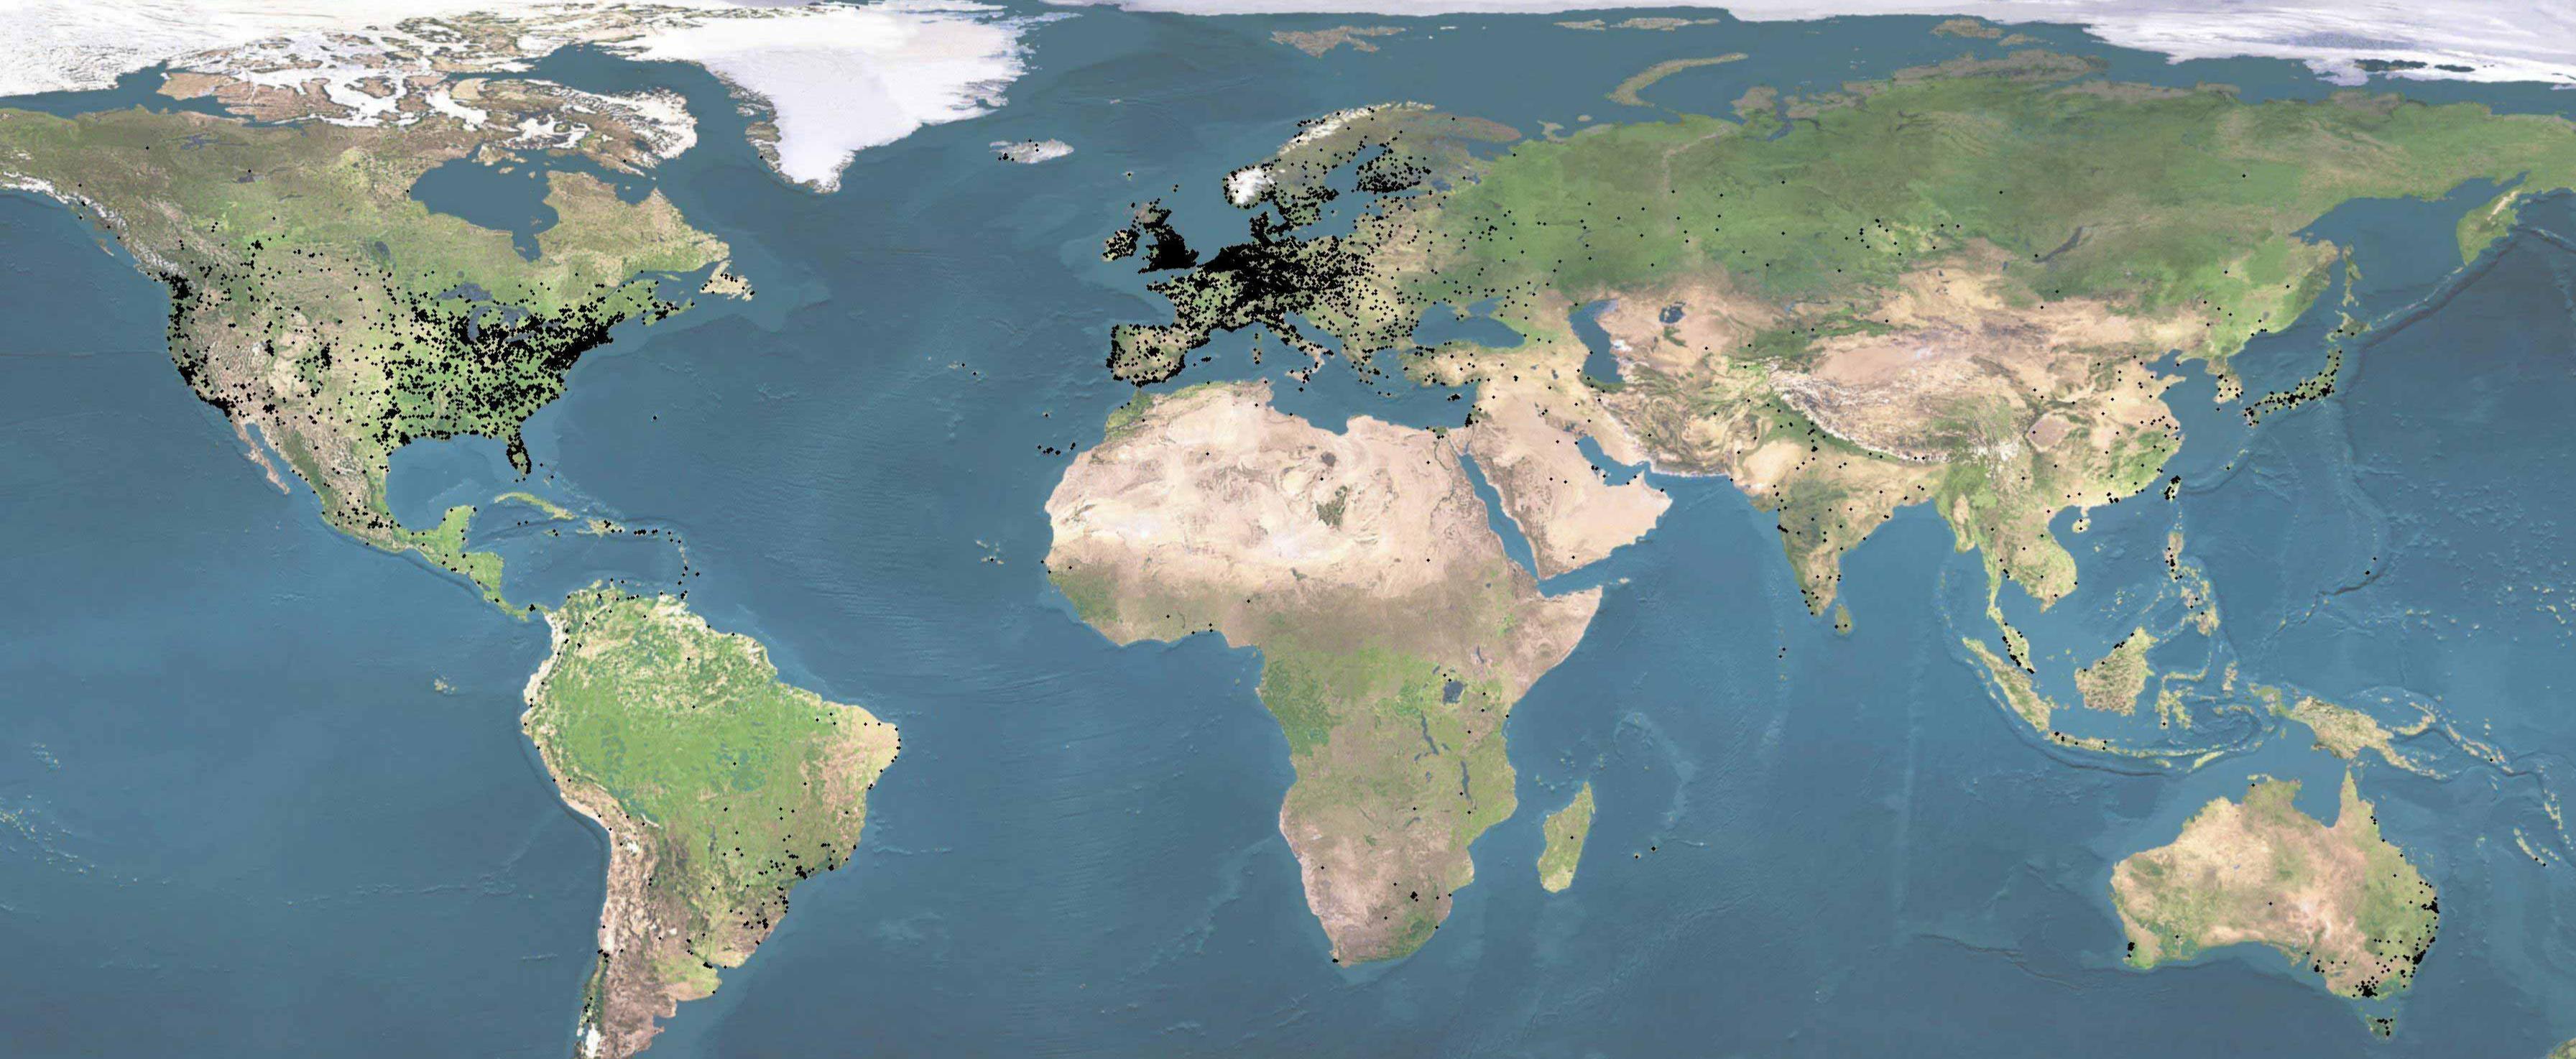 Climate Change Experiment Participation